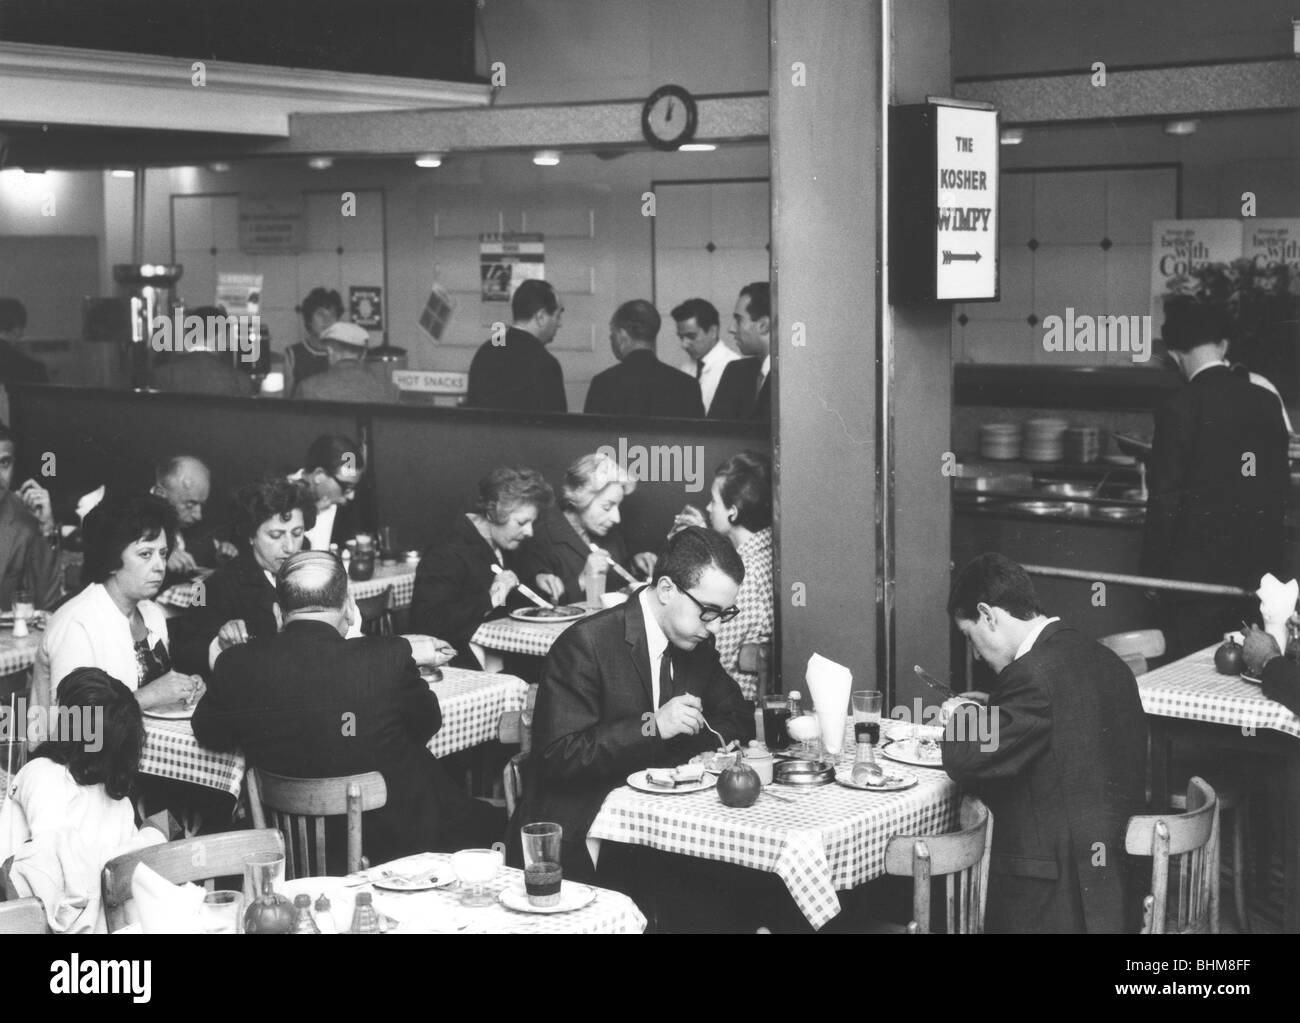 Barnett's Restaurant, Middlesex Street, London E1, August 1966. Artist: EH Emanuel - Stock Image